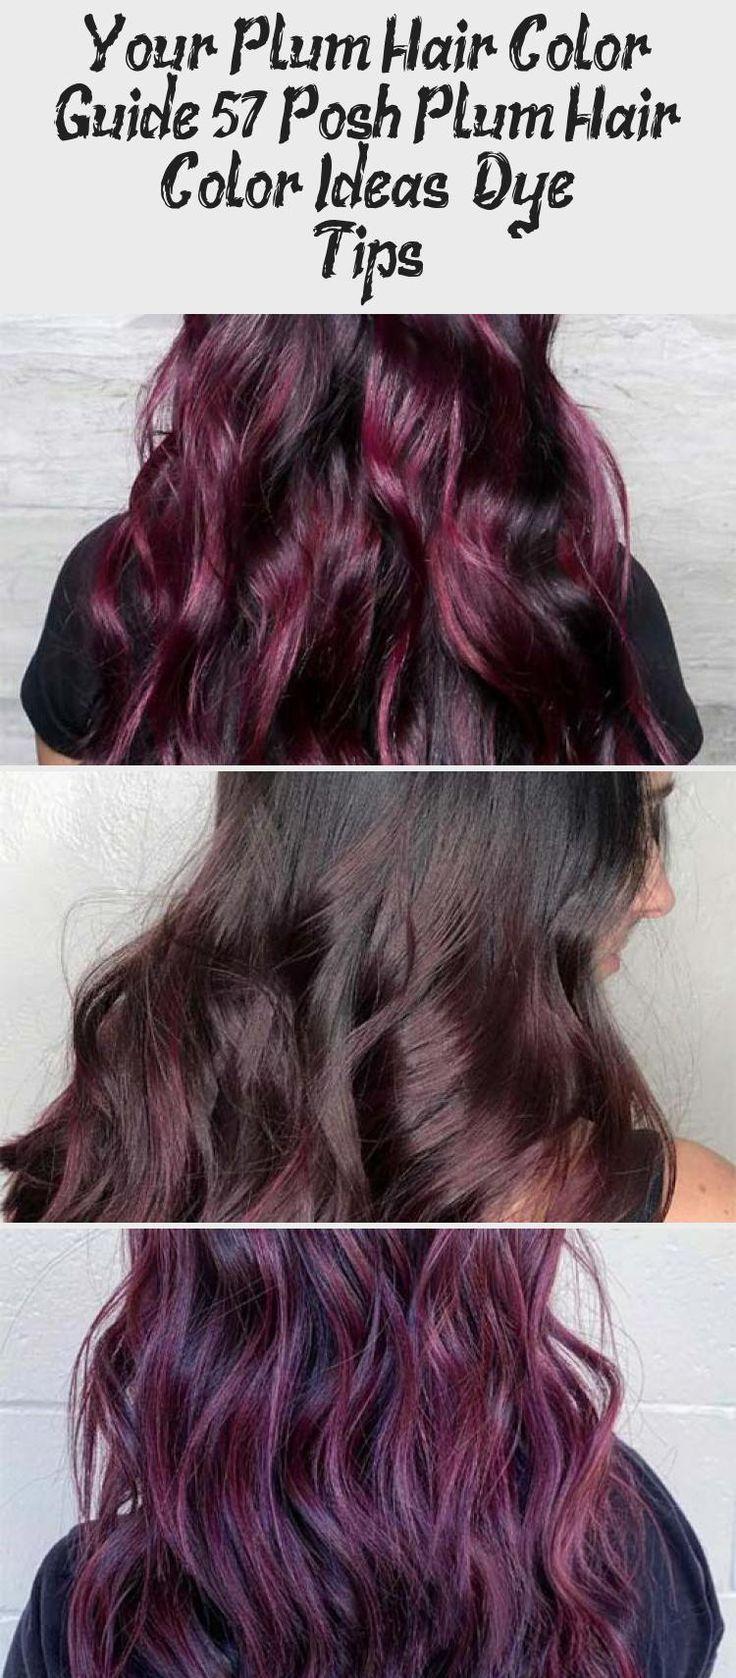 Your Plum Hair Color Guide 57 Posh Plum Hair Color Ideas